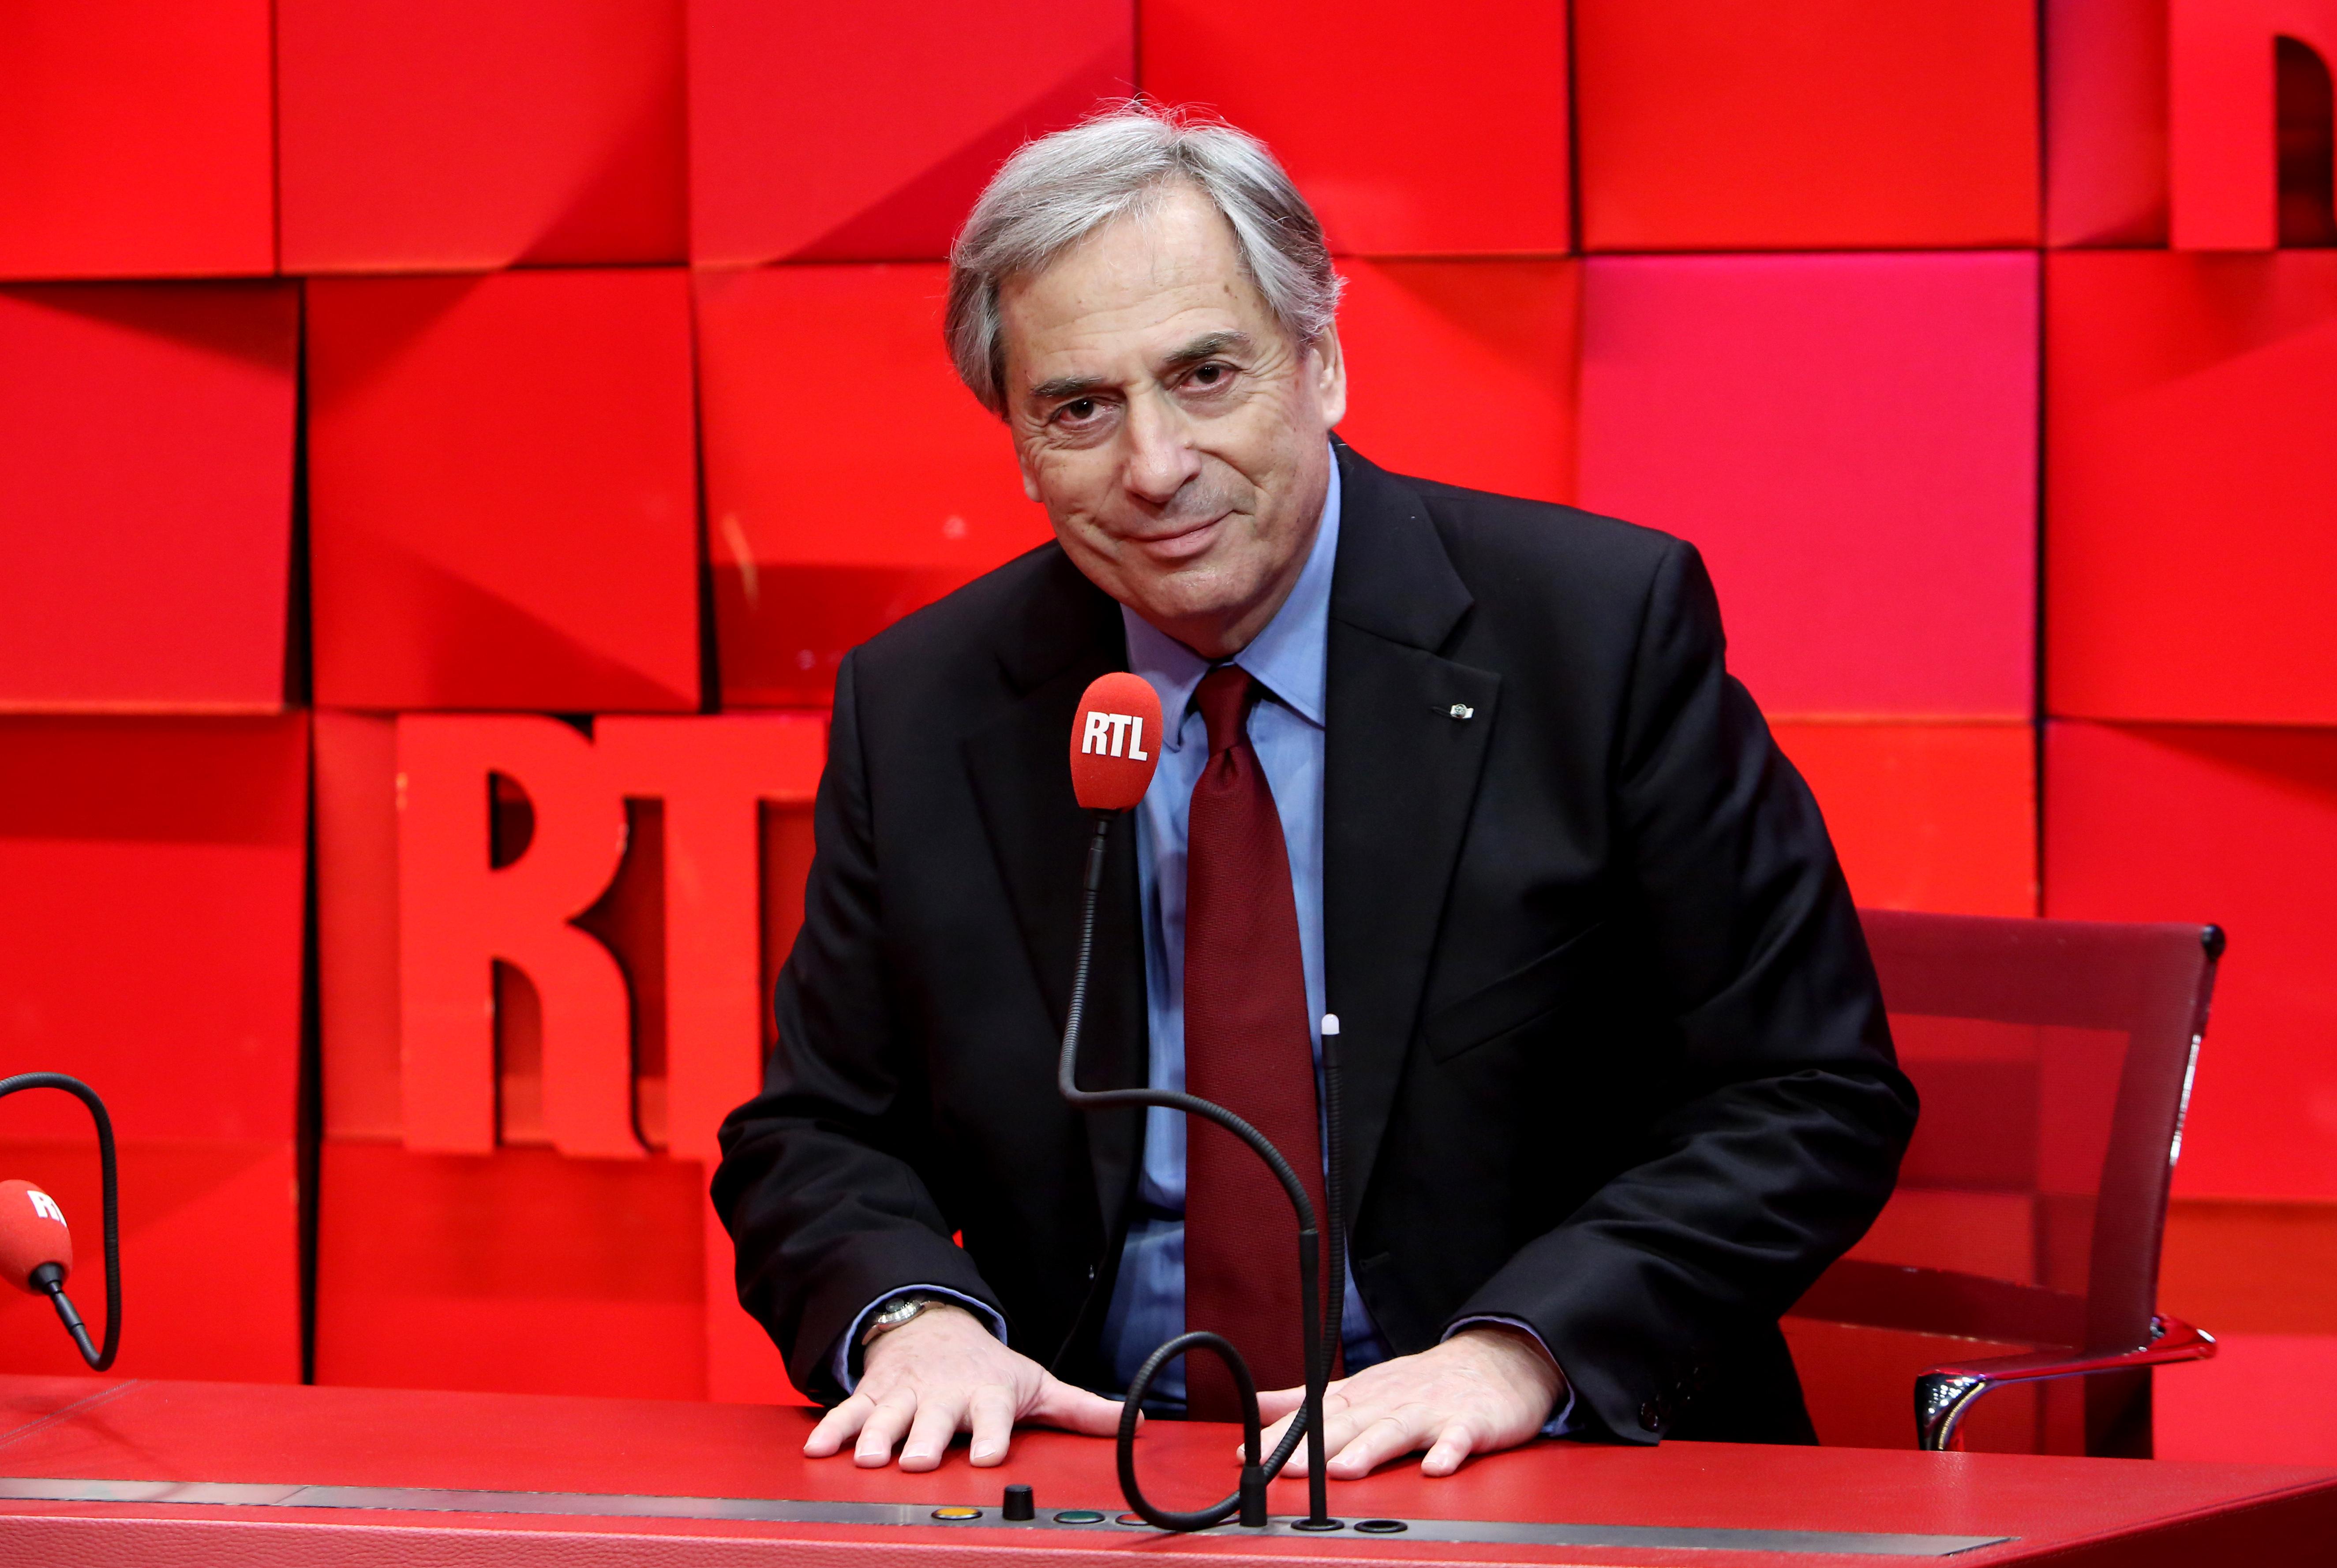 Jean-Louis Moncet désormais spécialiste F1 de RTL © Fred Bukajlo / Sipa Press